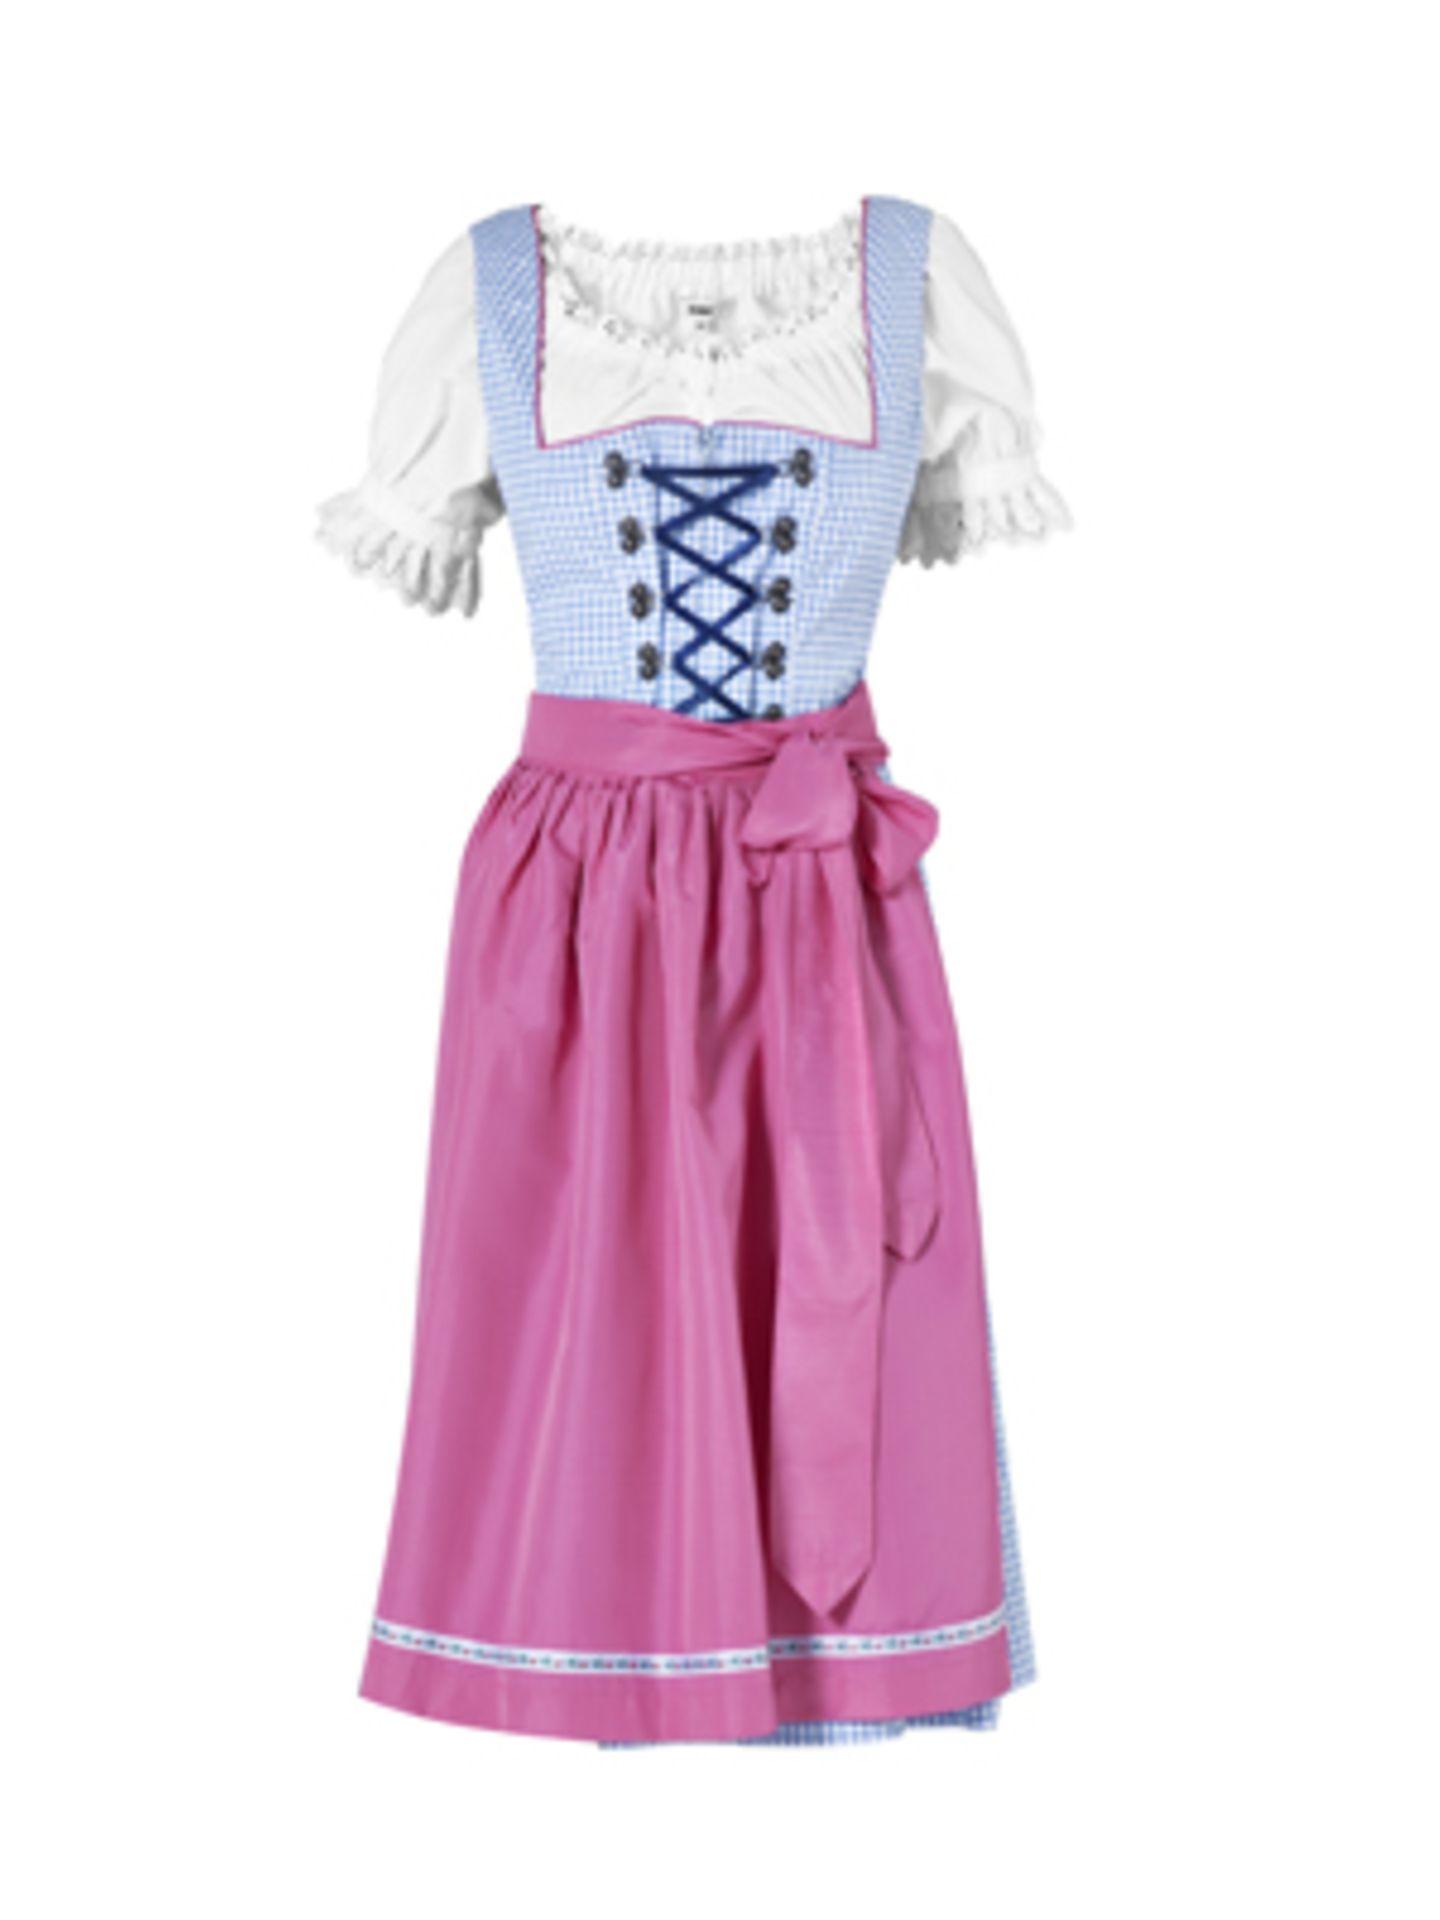 Hellblaues, knielanges Dirndl mit Schnürung vorn und pinkfarbener Schürze von K&L, um 70 Euro. Weiße Kurzarm-Bluse um 35 Euro.